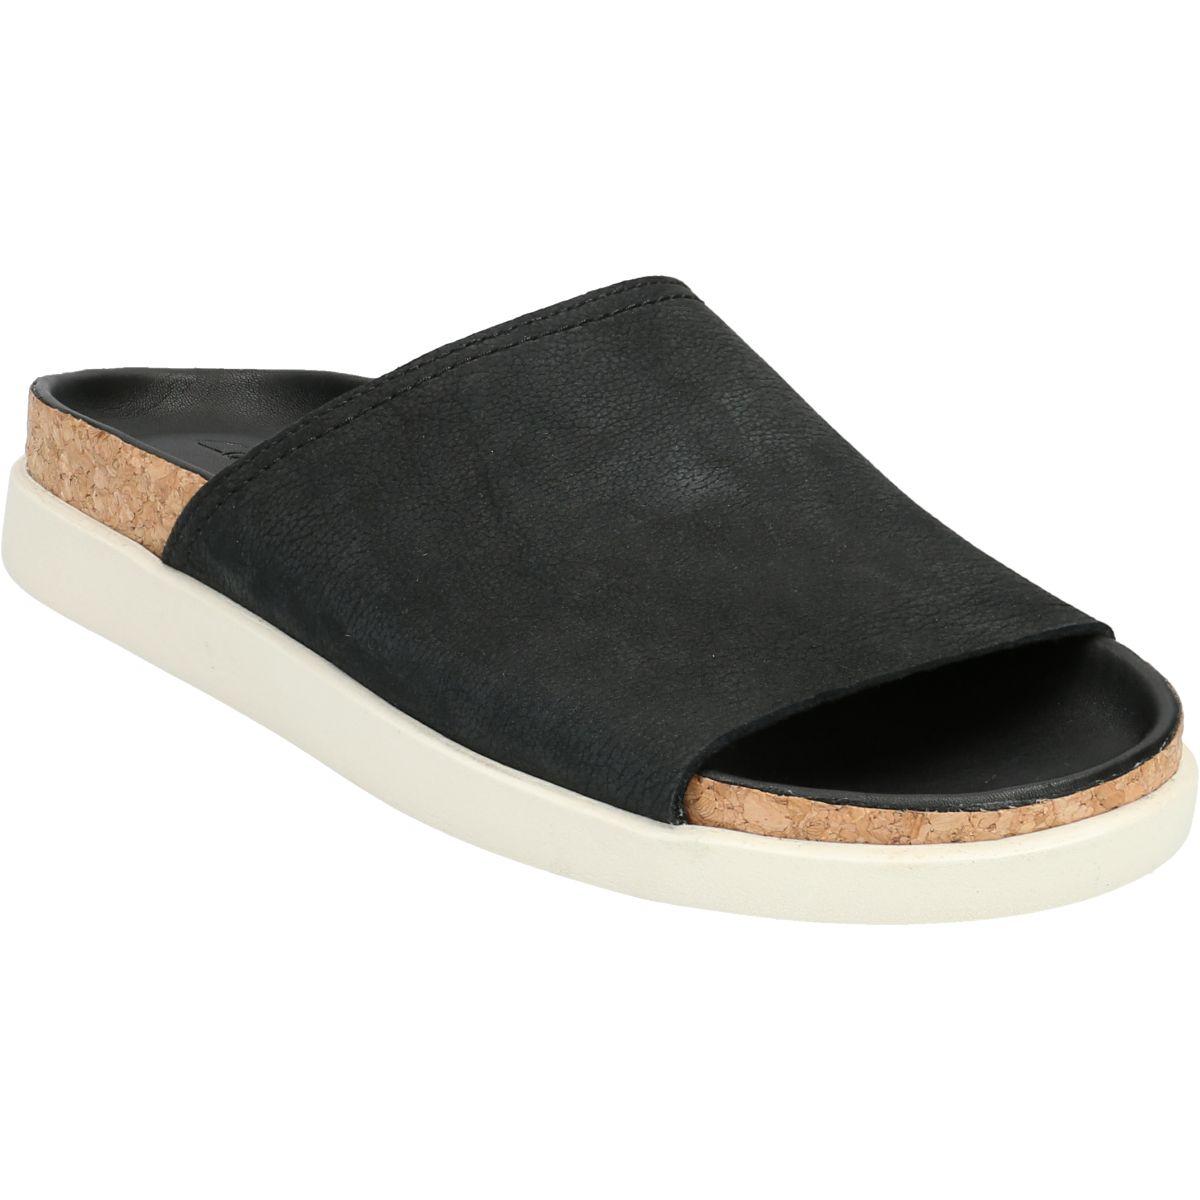 Clarks Sunder Slide 26148034 7 Herrenschuhe Sandaletten im